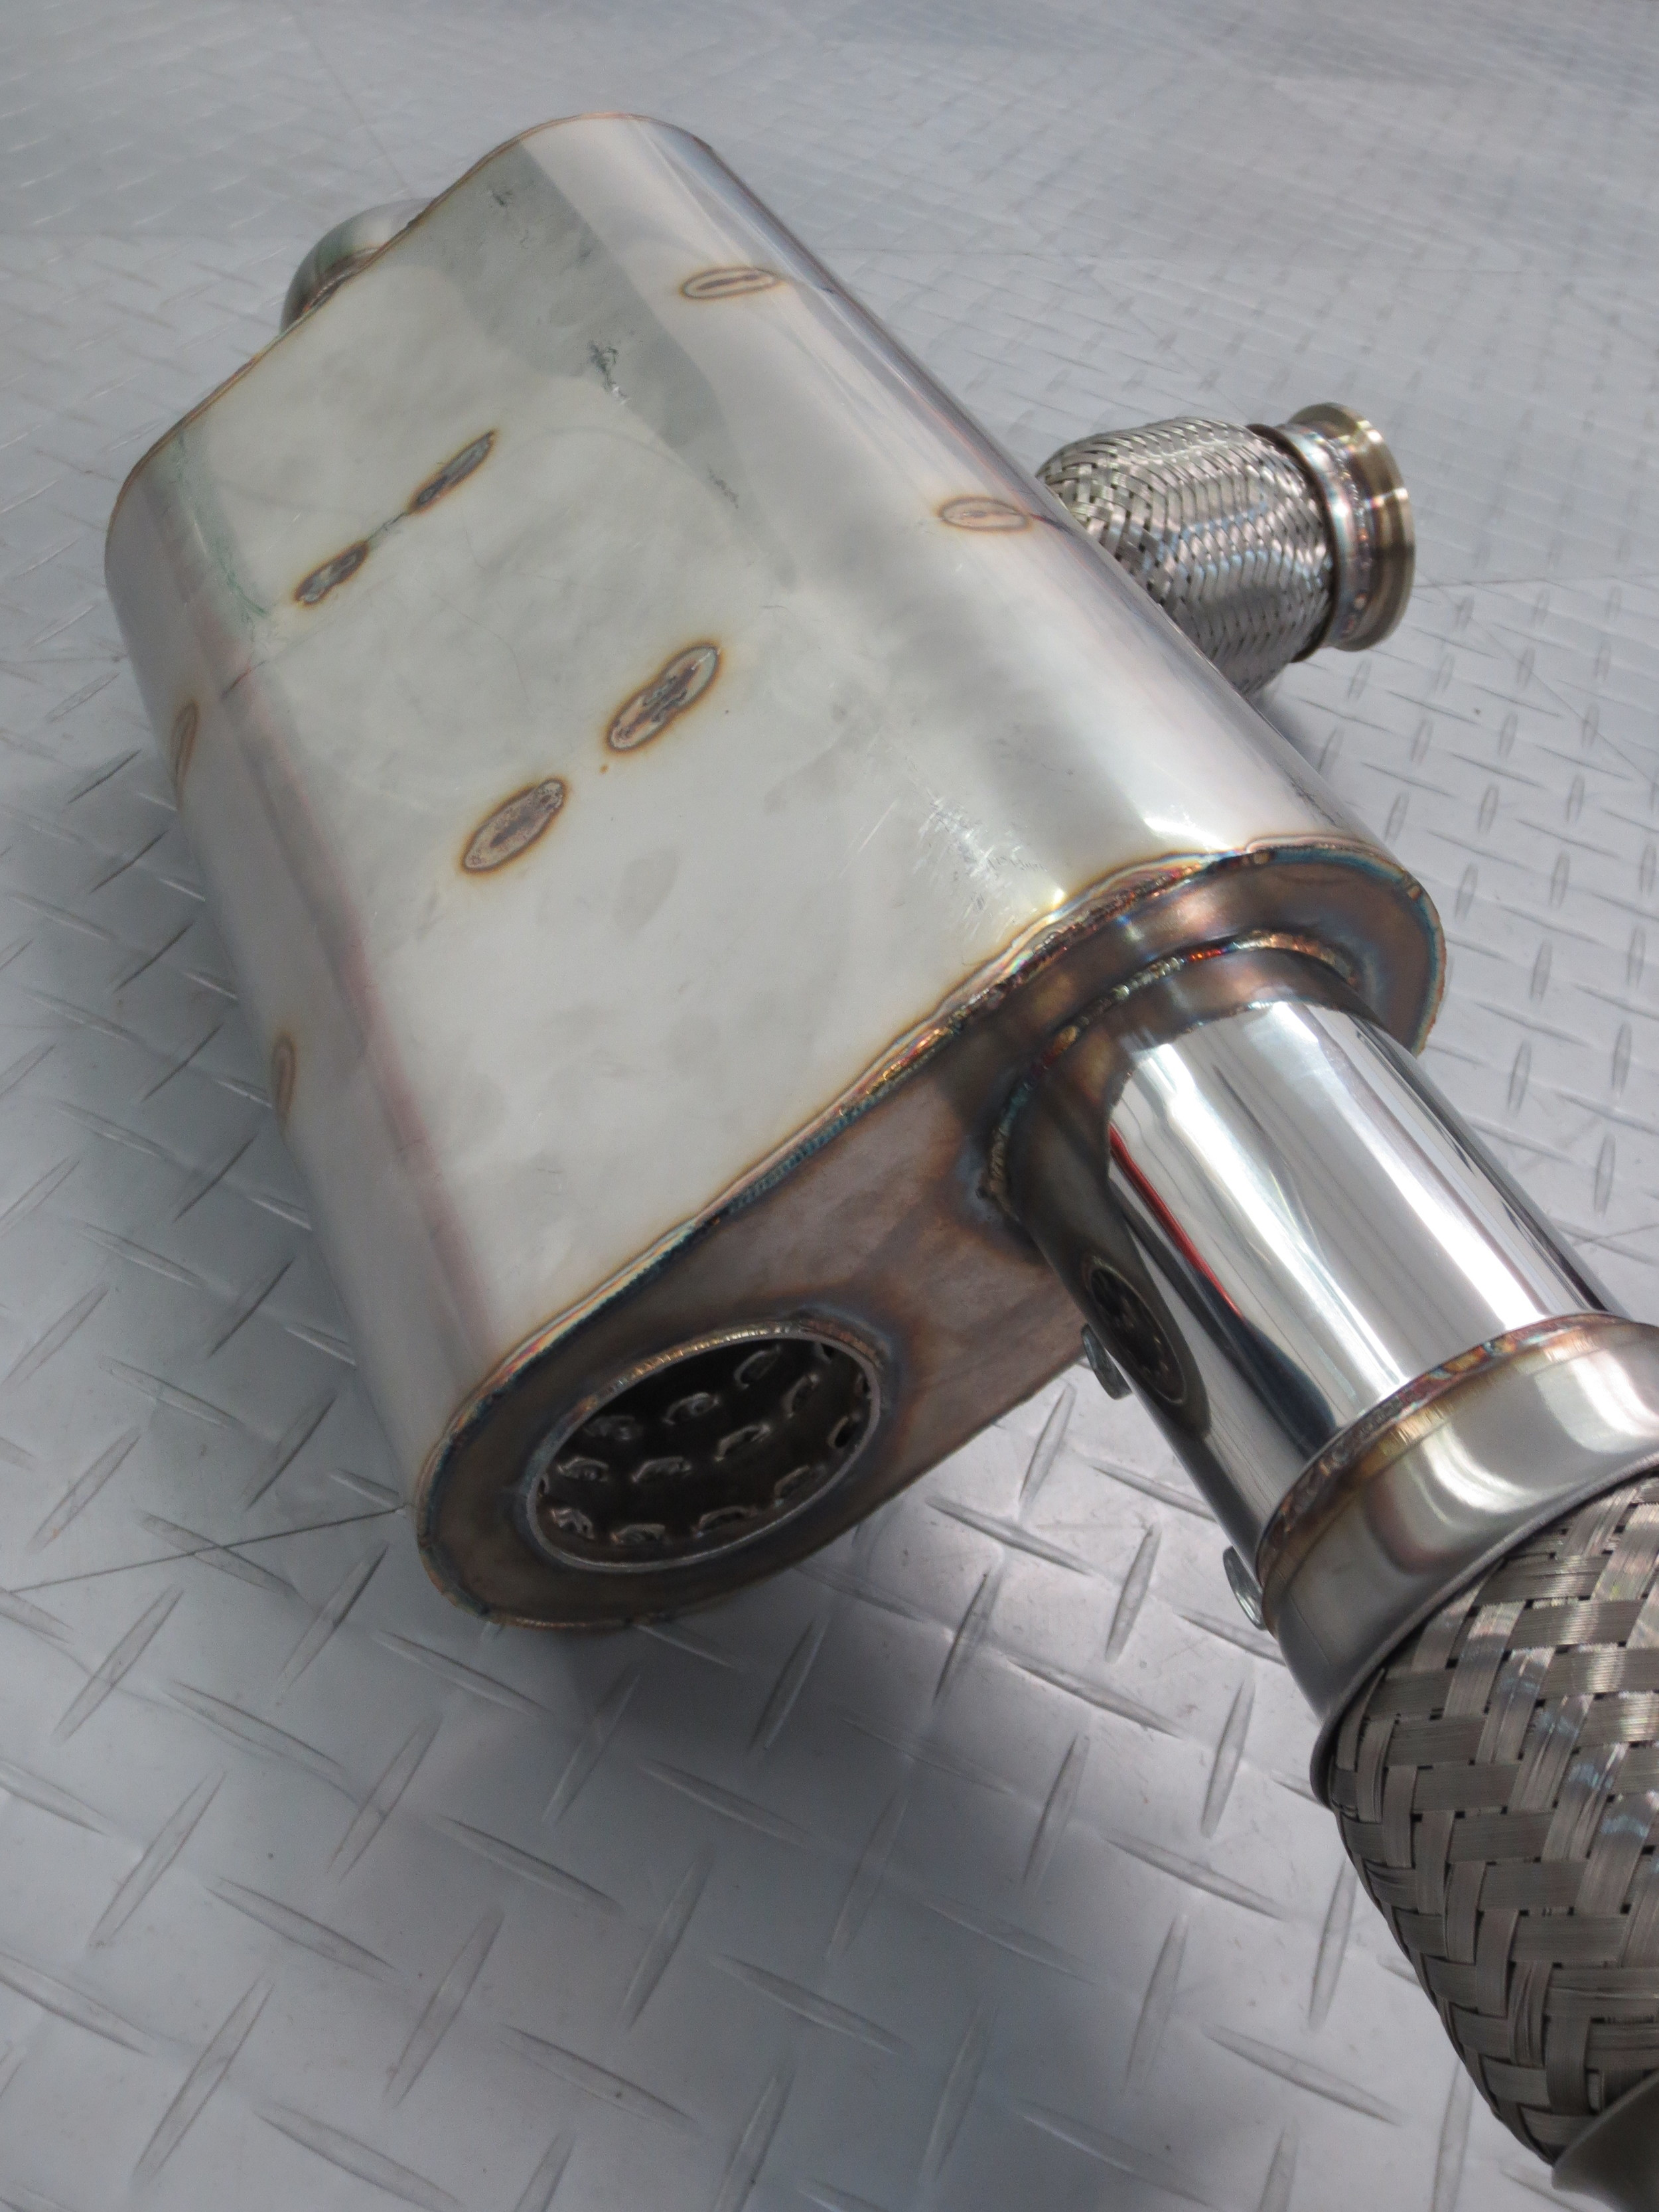 Motor Werks Racing Custom Porsche Exhaust System